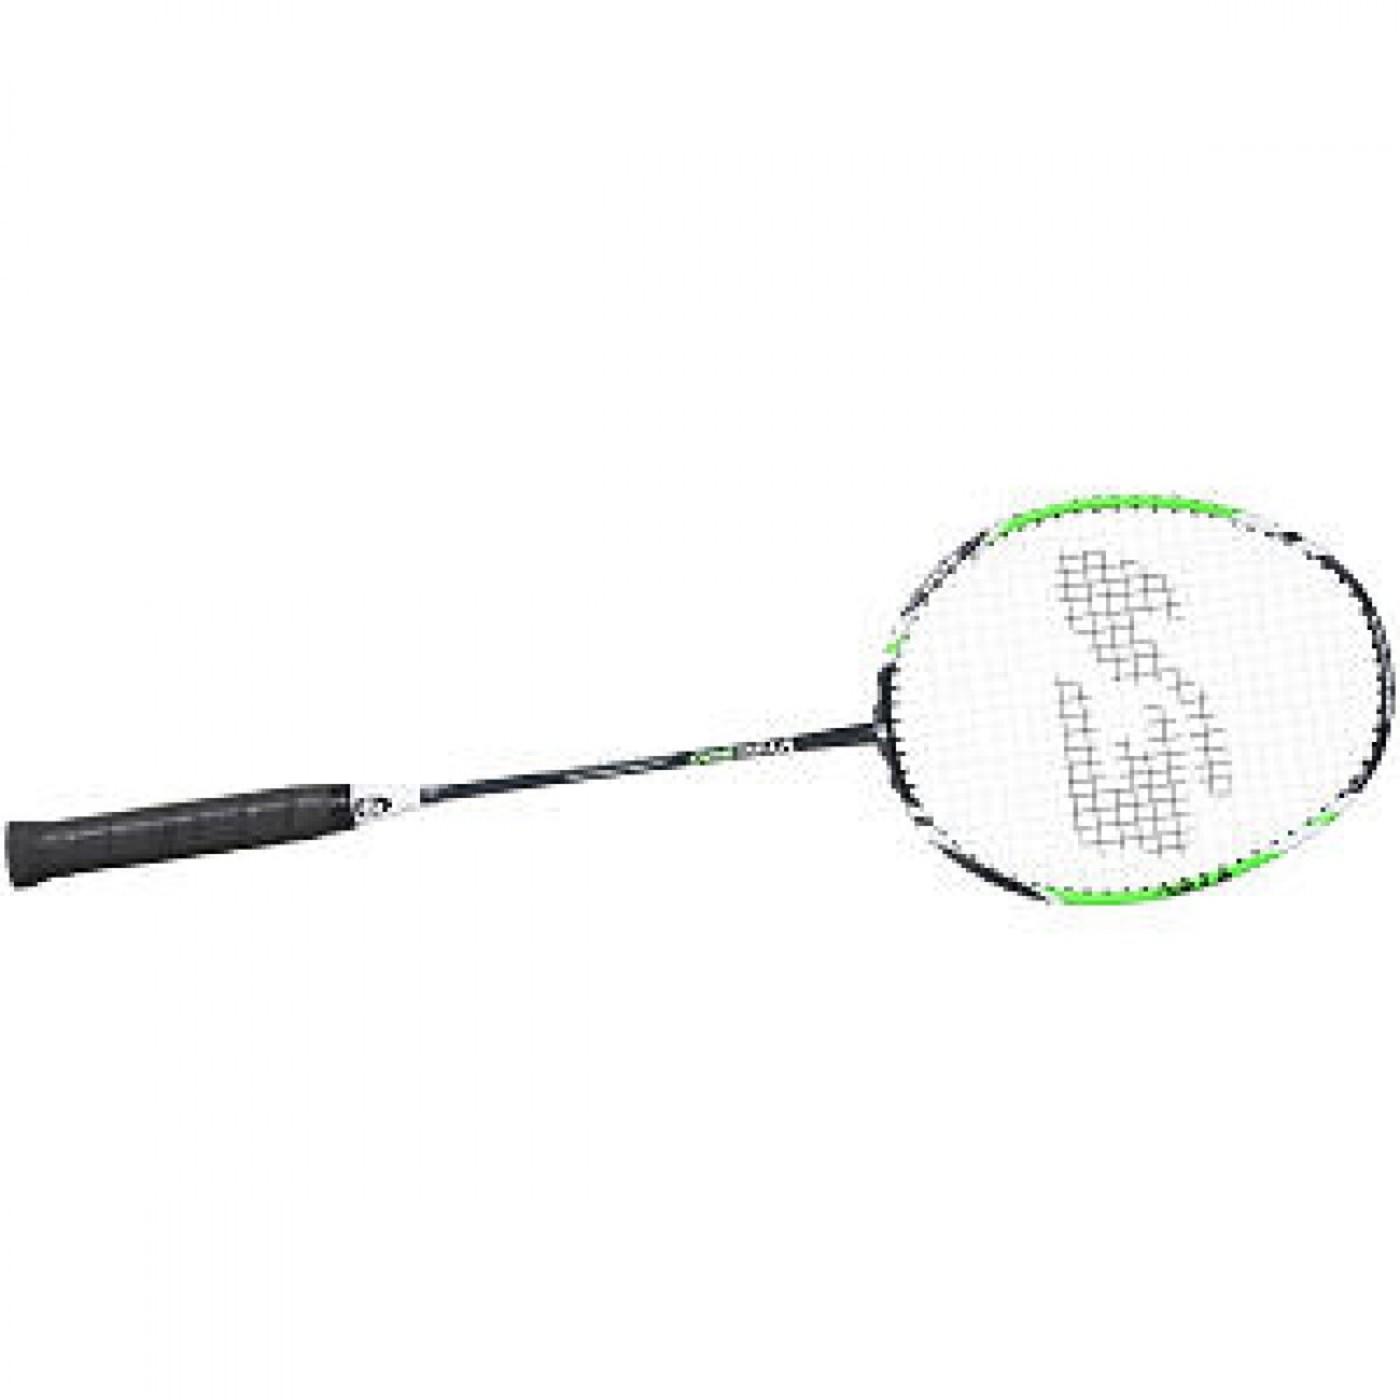 V3TEC Badmintonracket V TEC 500